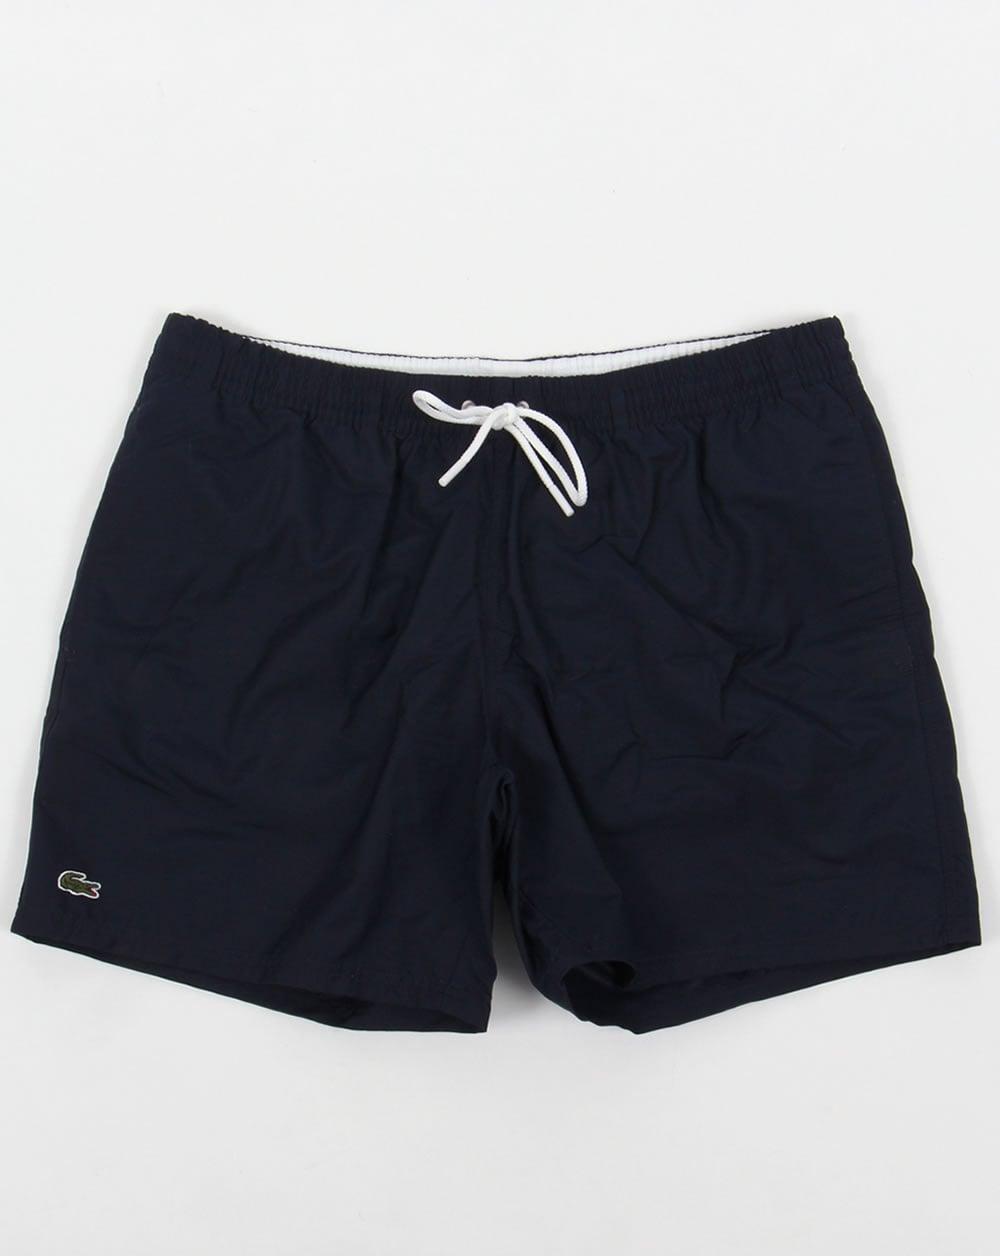 eca0221d94de Lacoste Lacoste Swim Shorts Navy